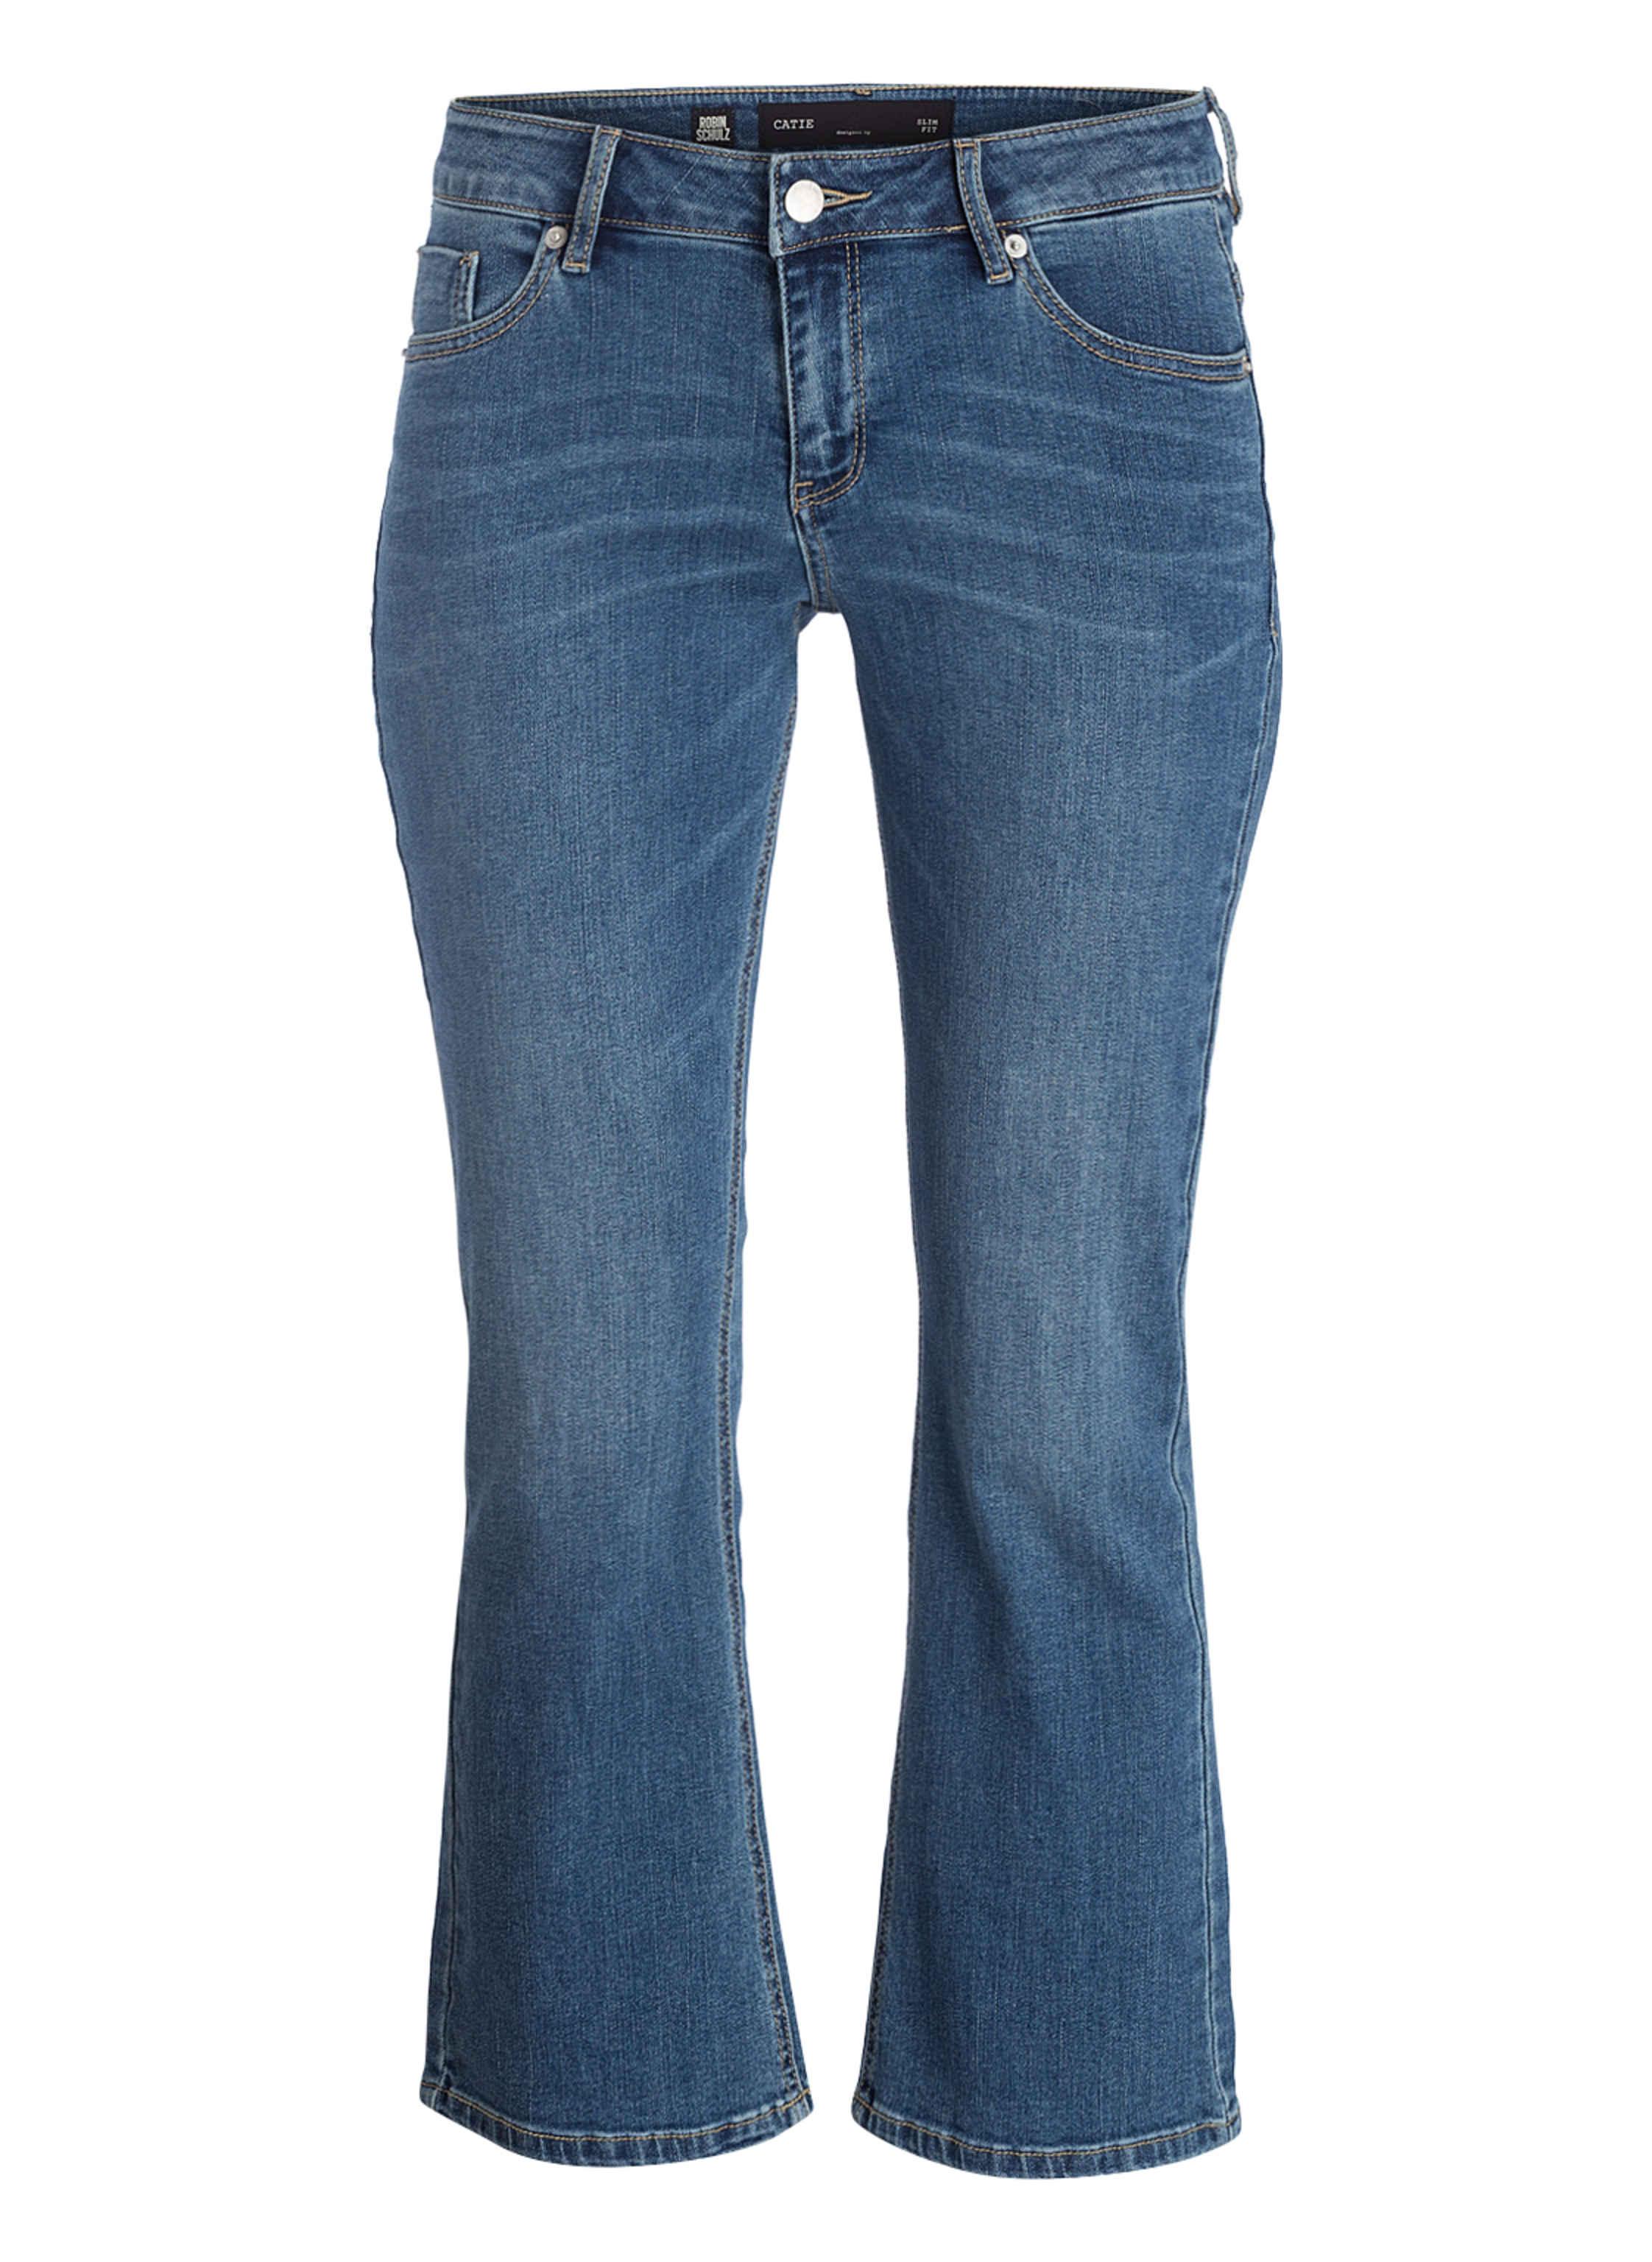 27717bf2d50c37 7 8-Jeans CATIE von Q S designed by bei Breuninger kaufen